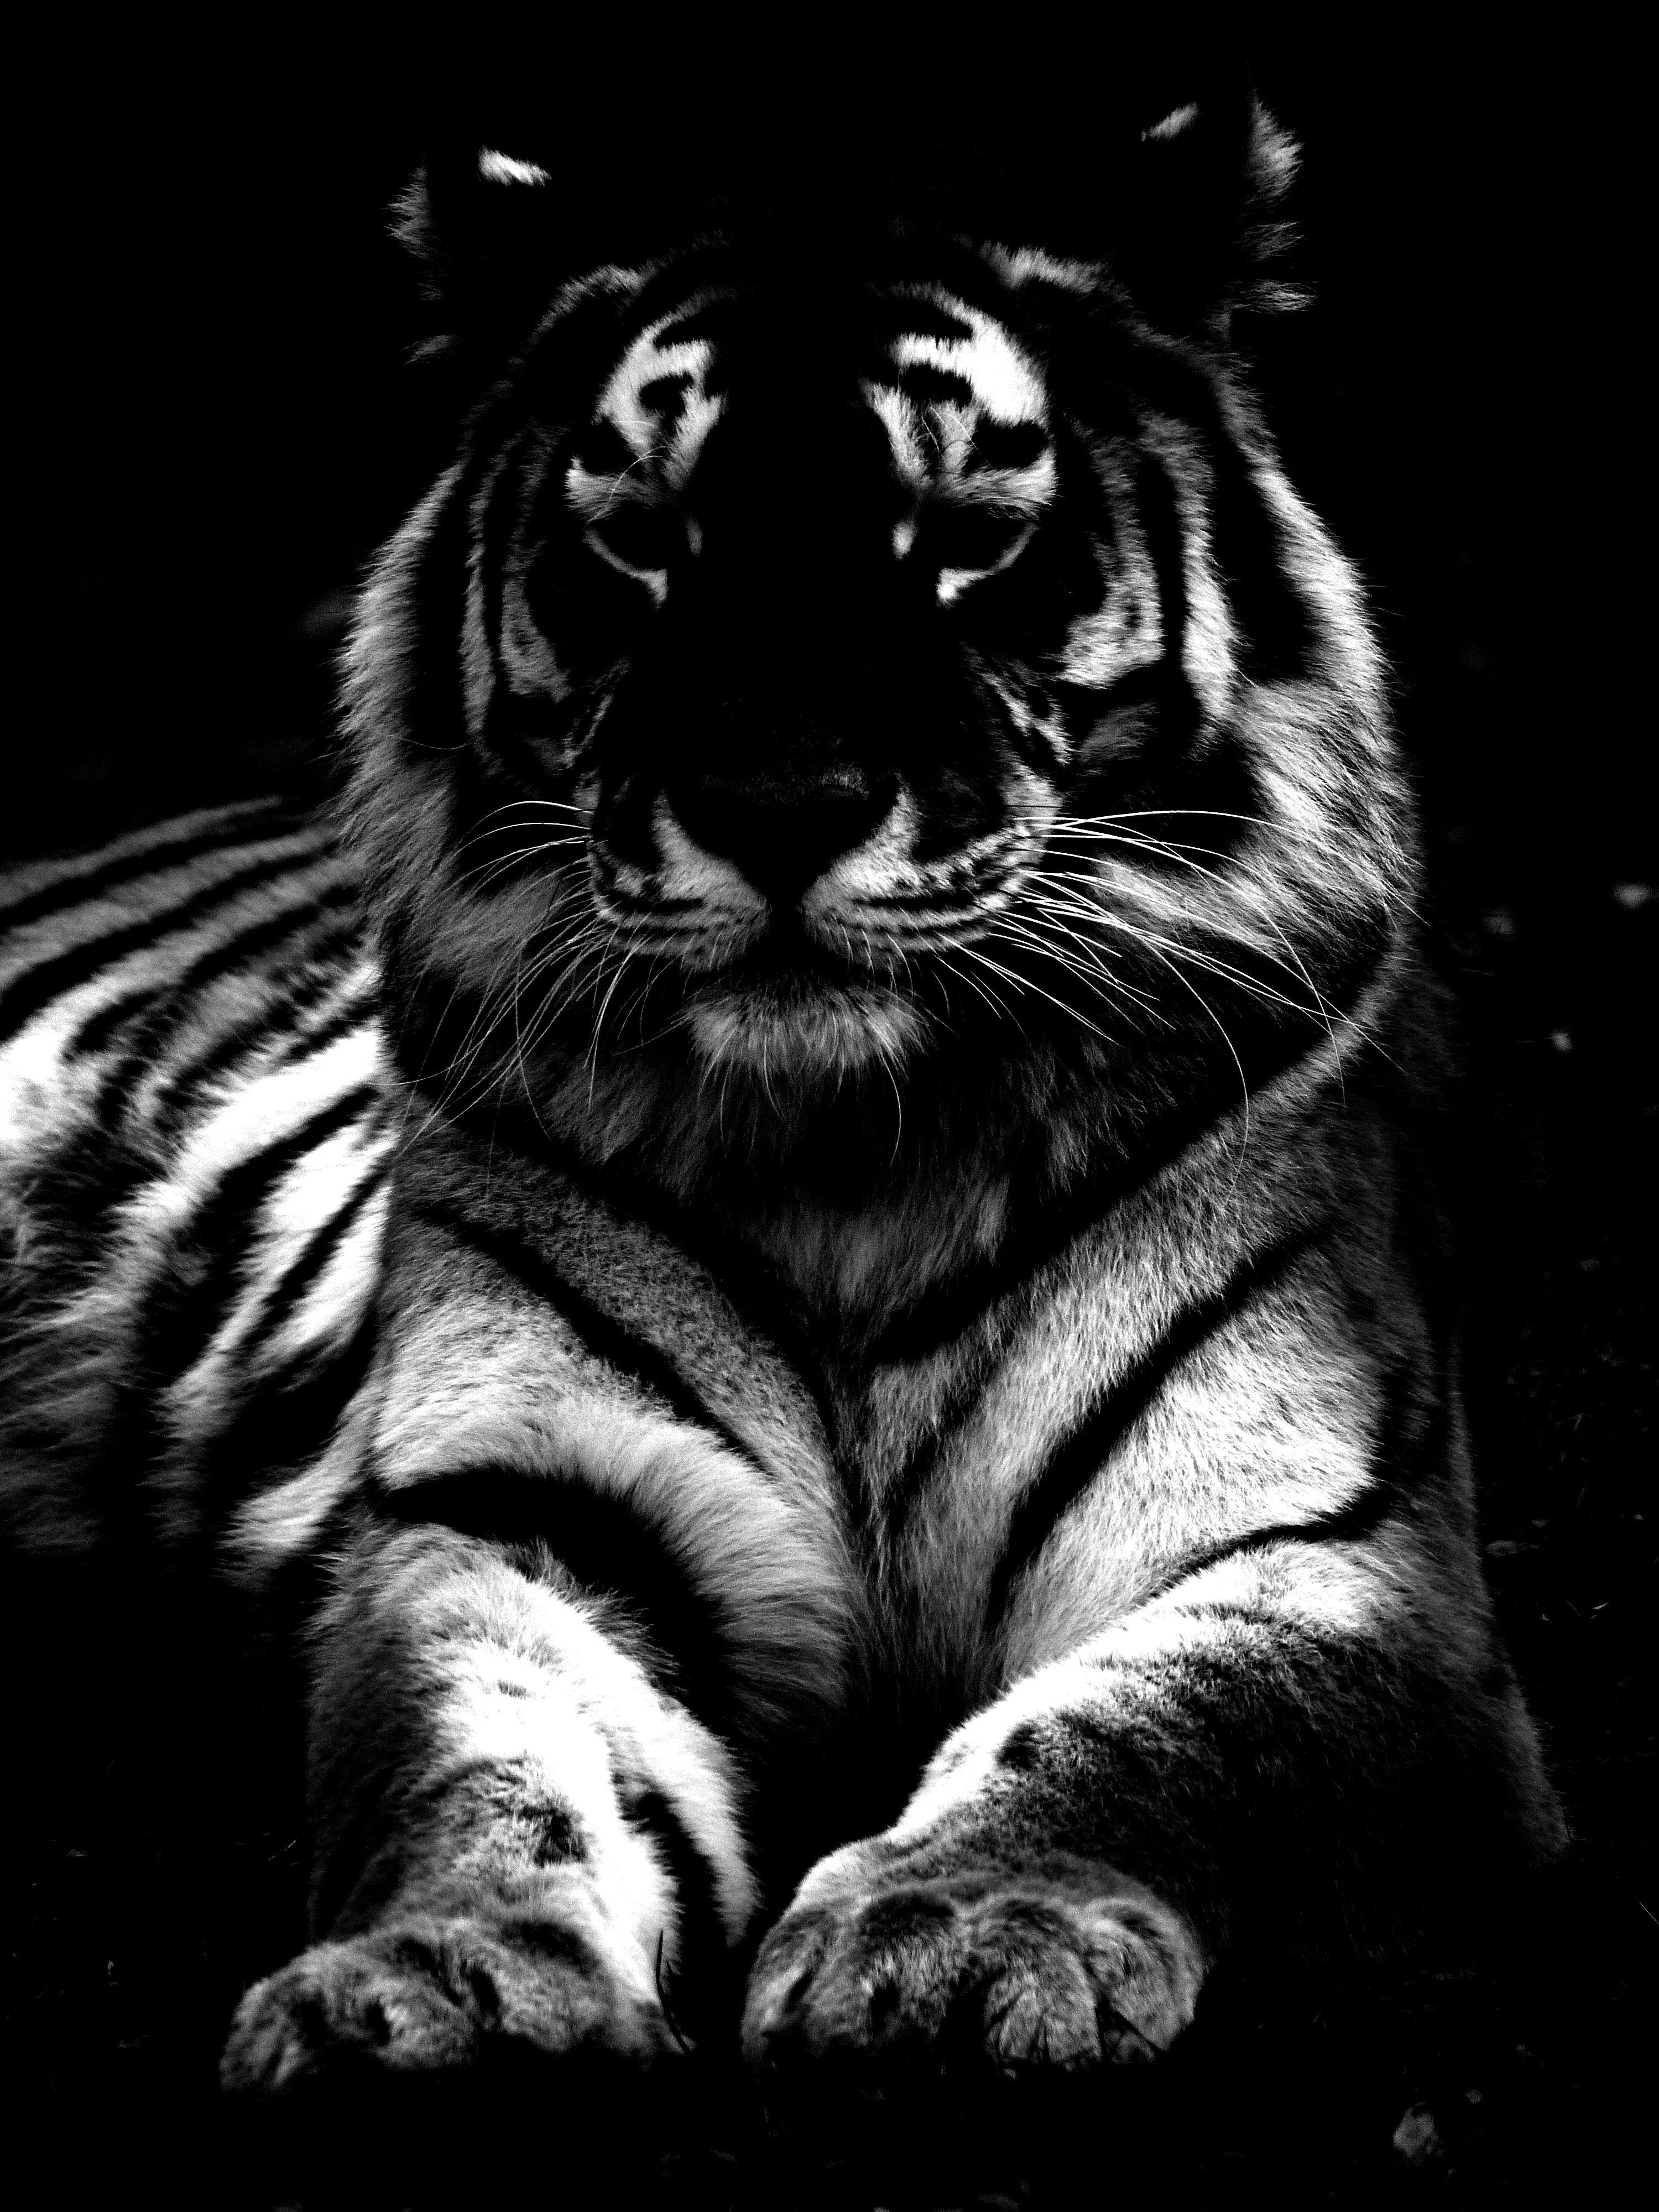 больше появляется темные картинки с тигром оперативно-следственной